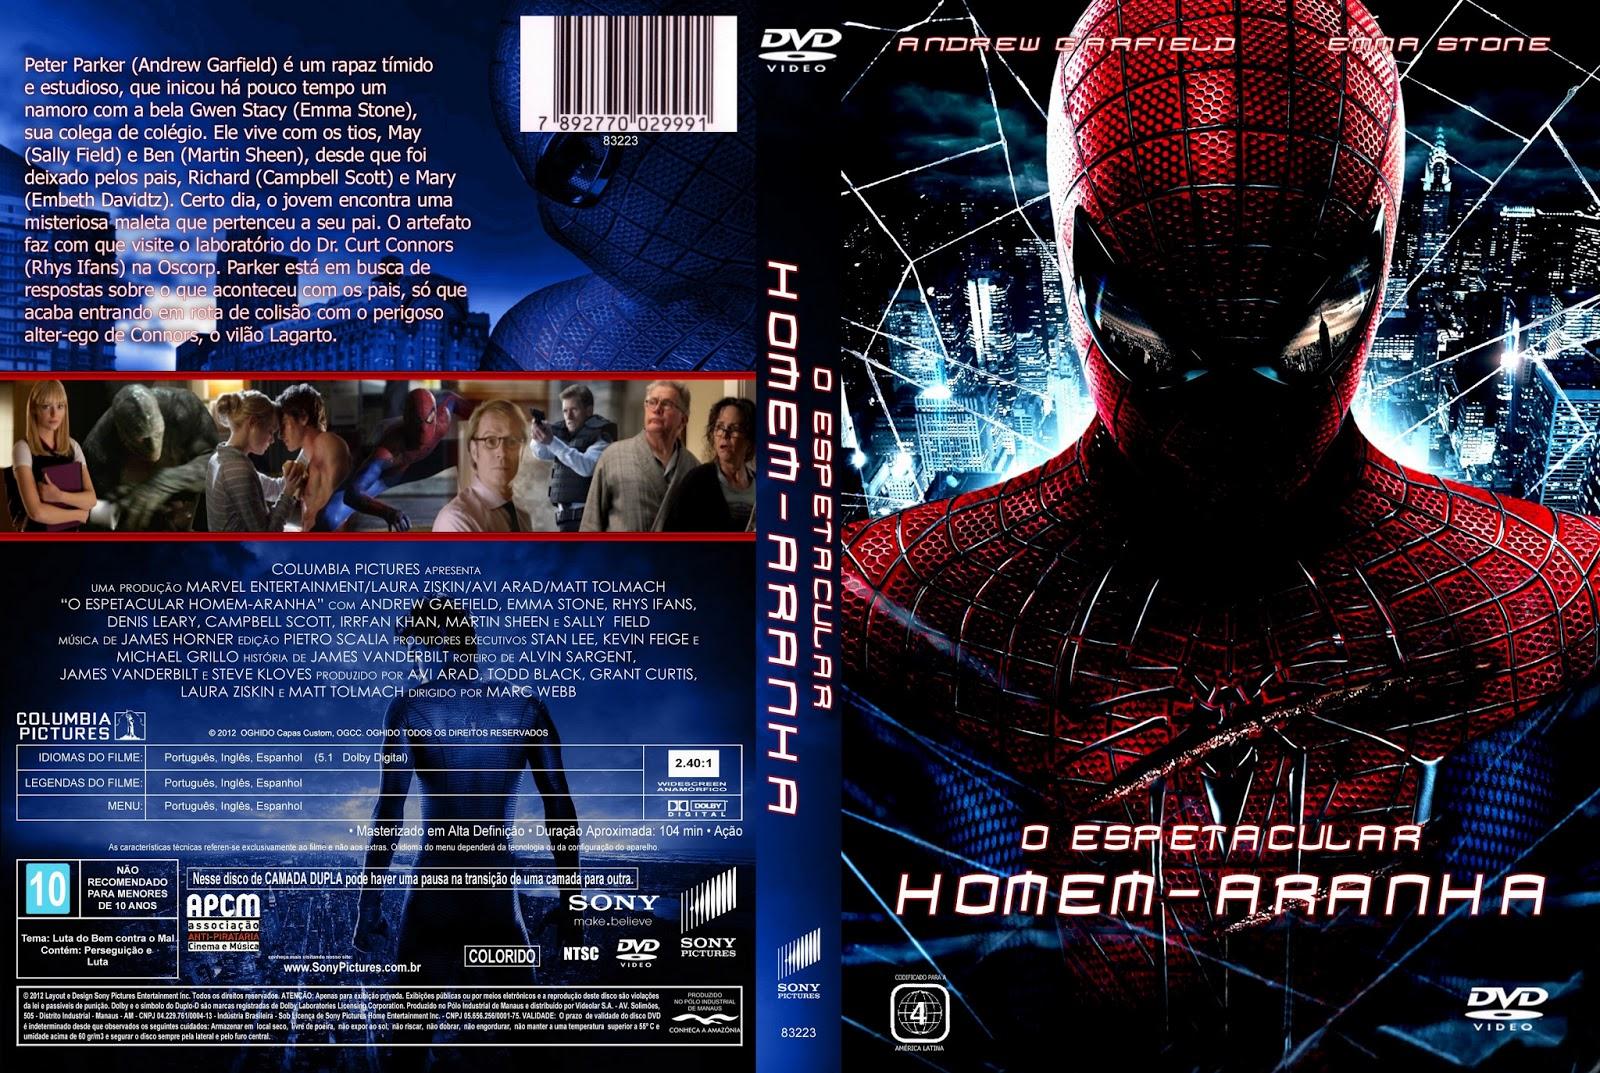 O Espetacular Homem-Aranha DVD Capa